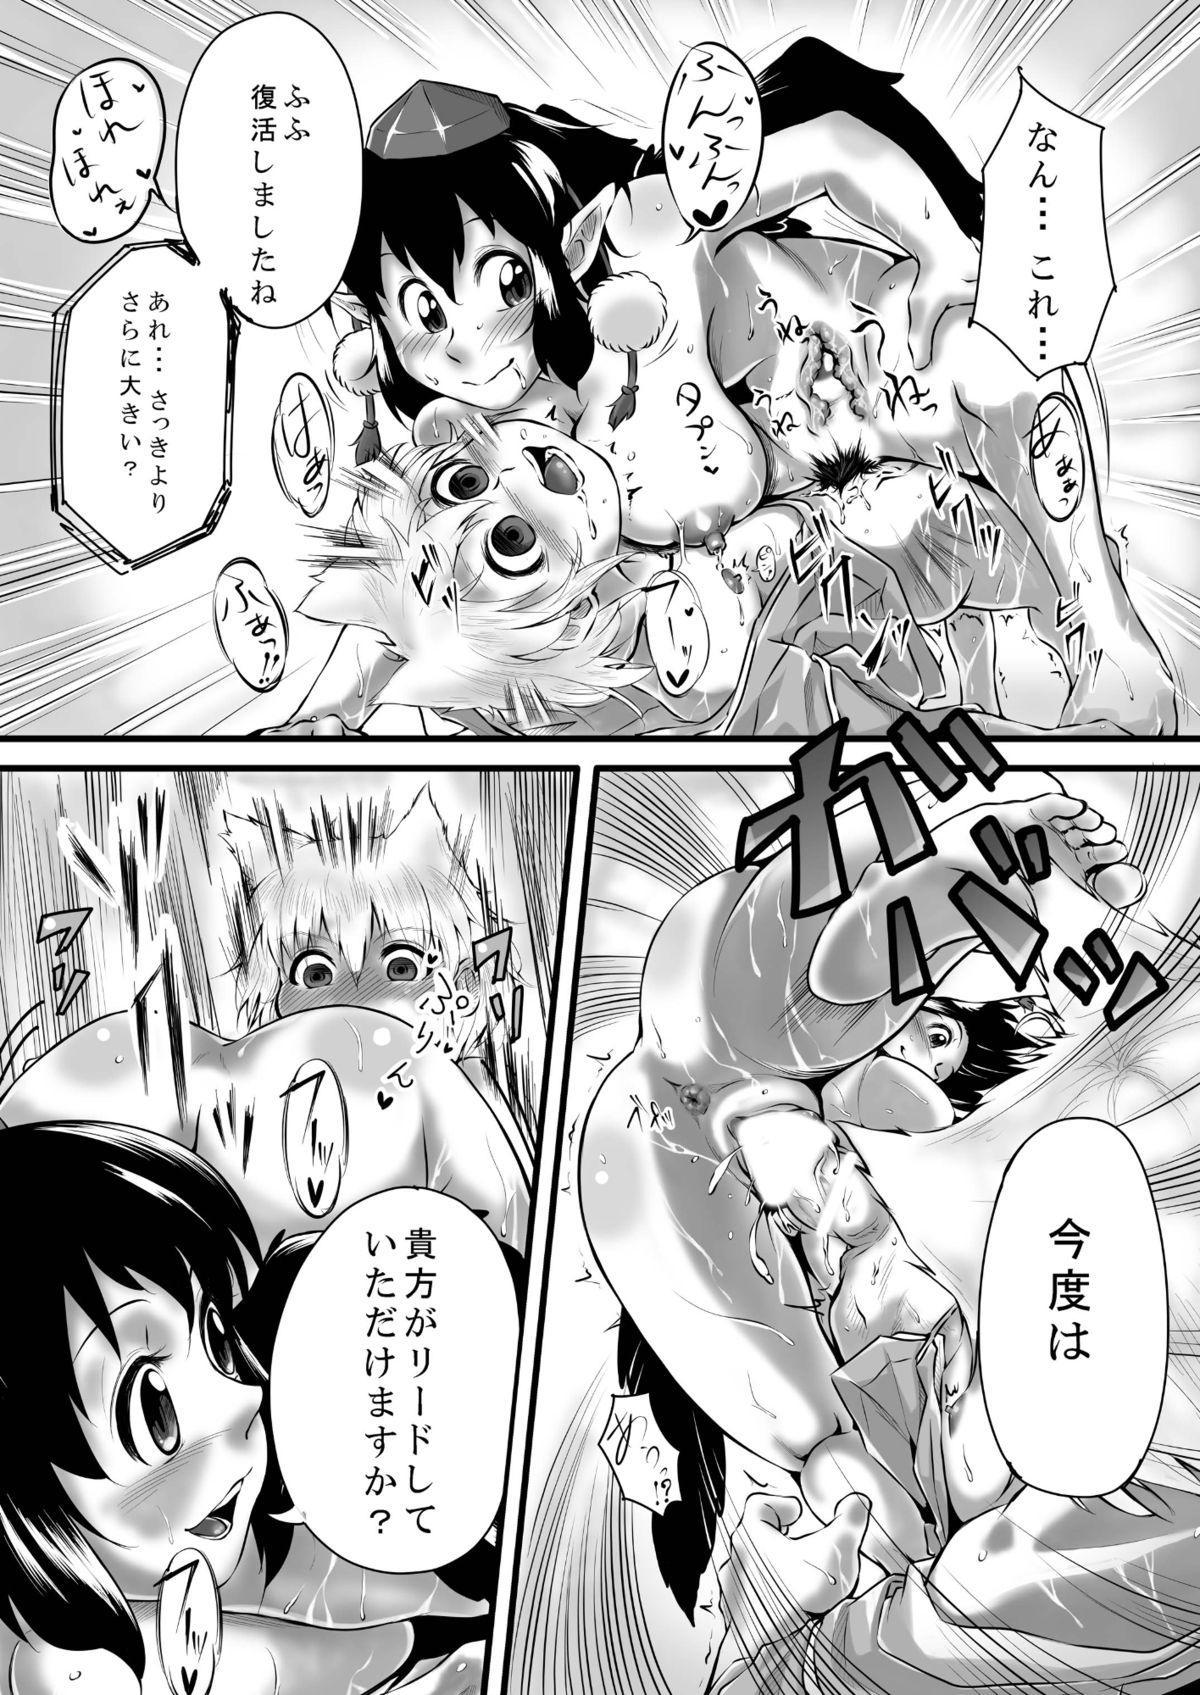 Bitching☆Bunbunmaru 22